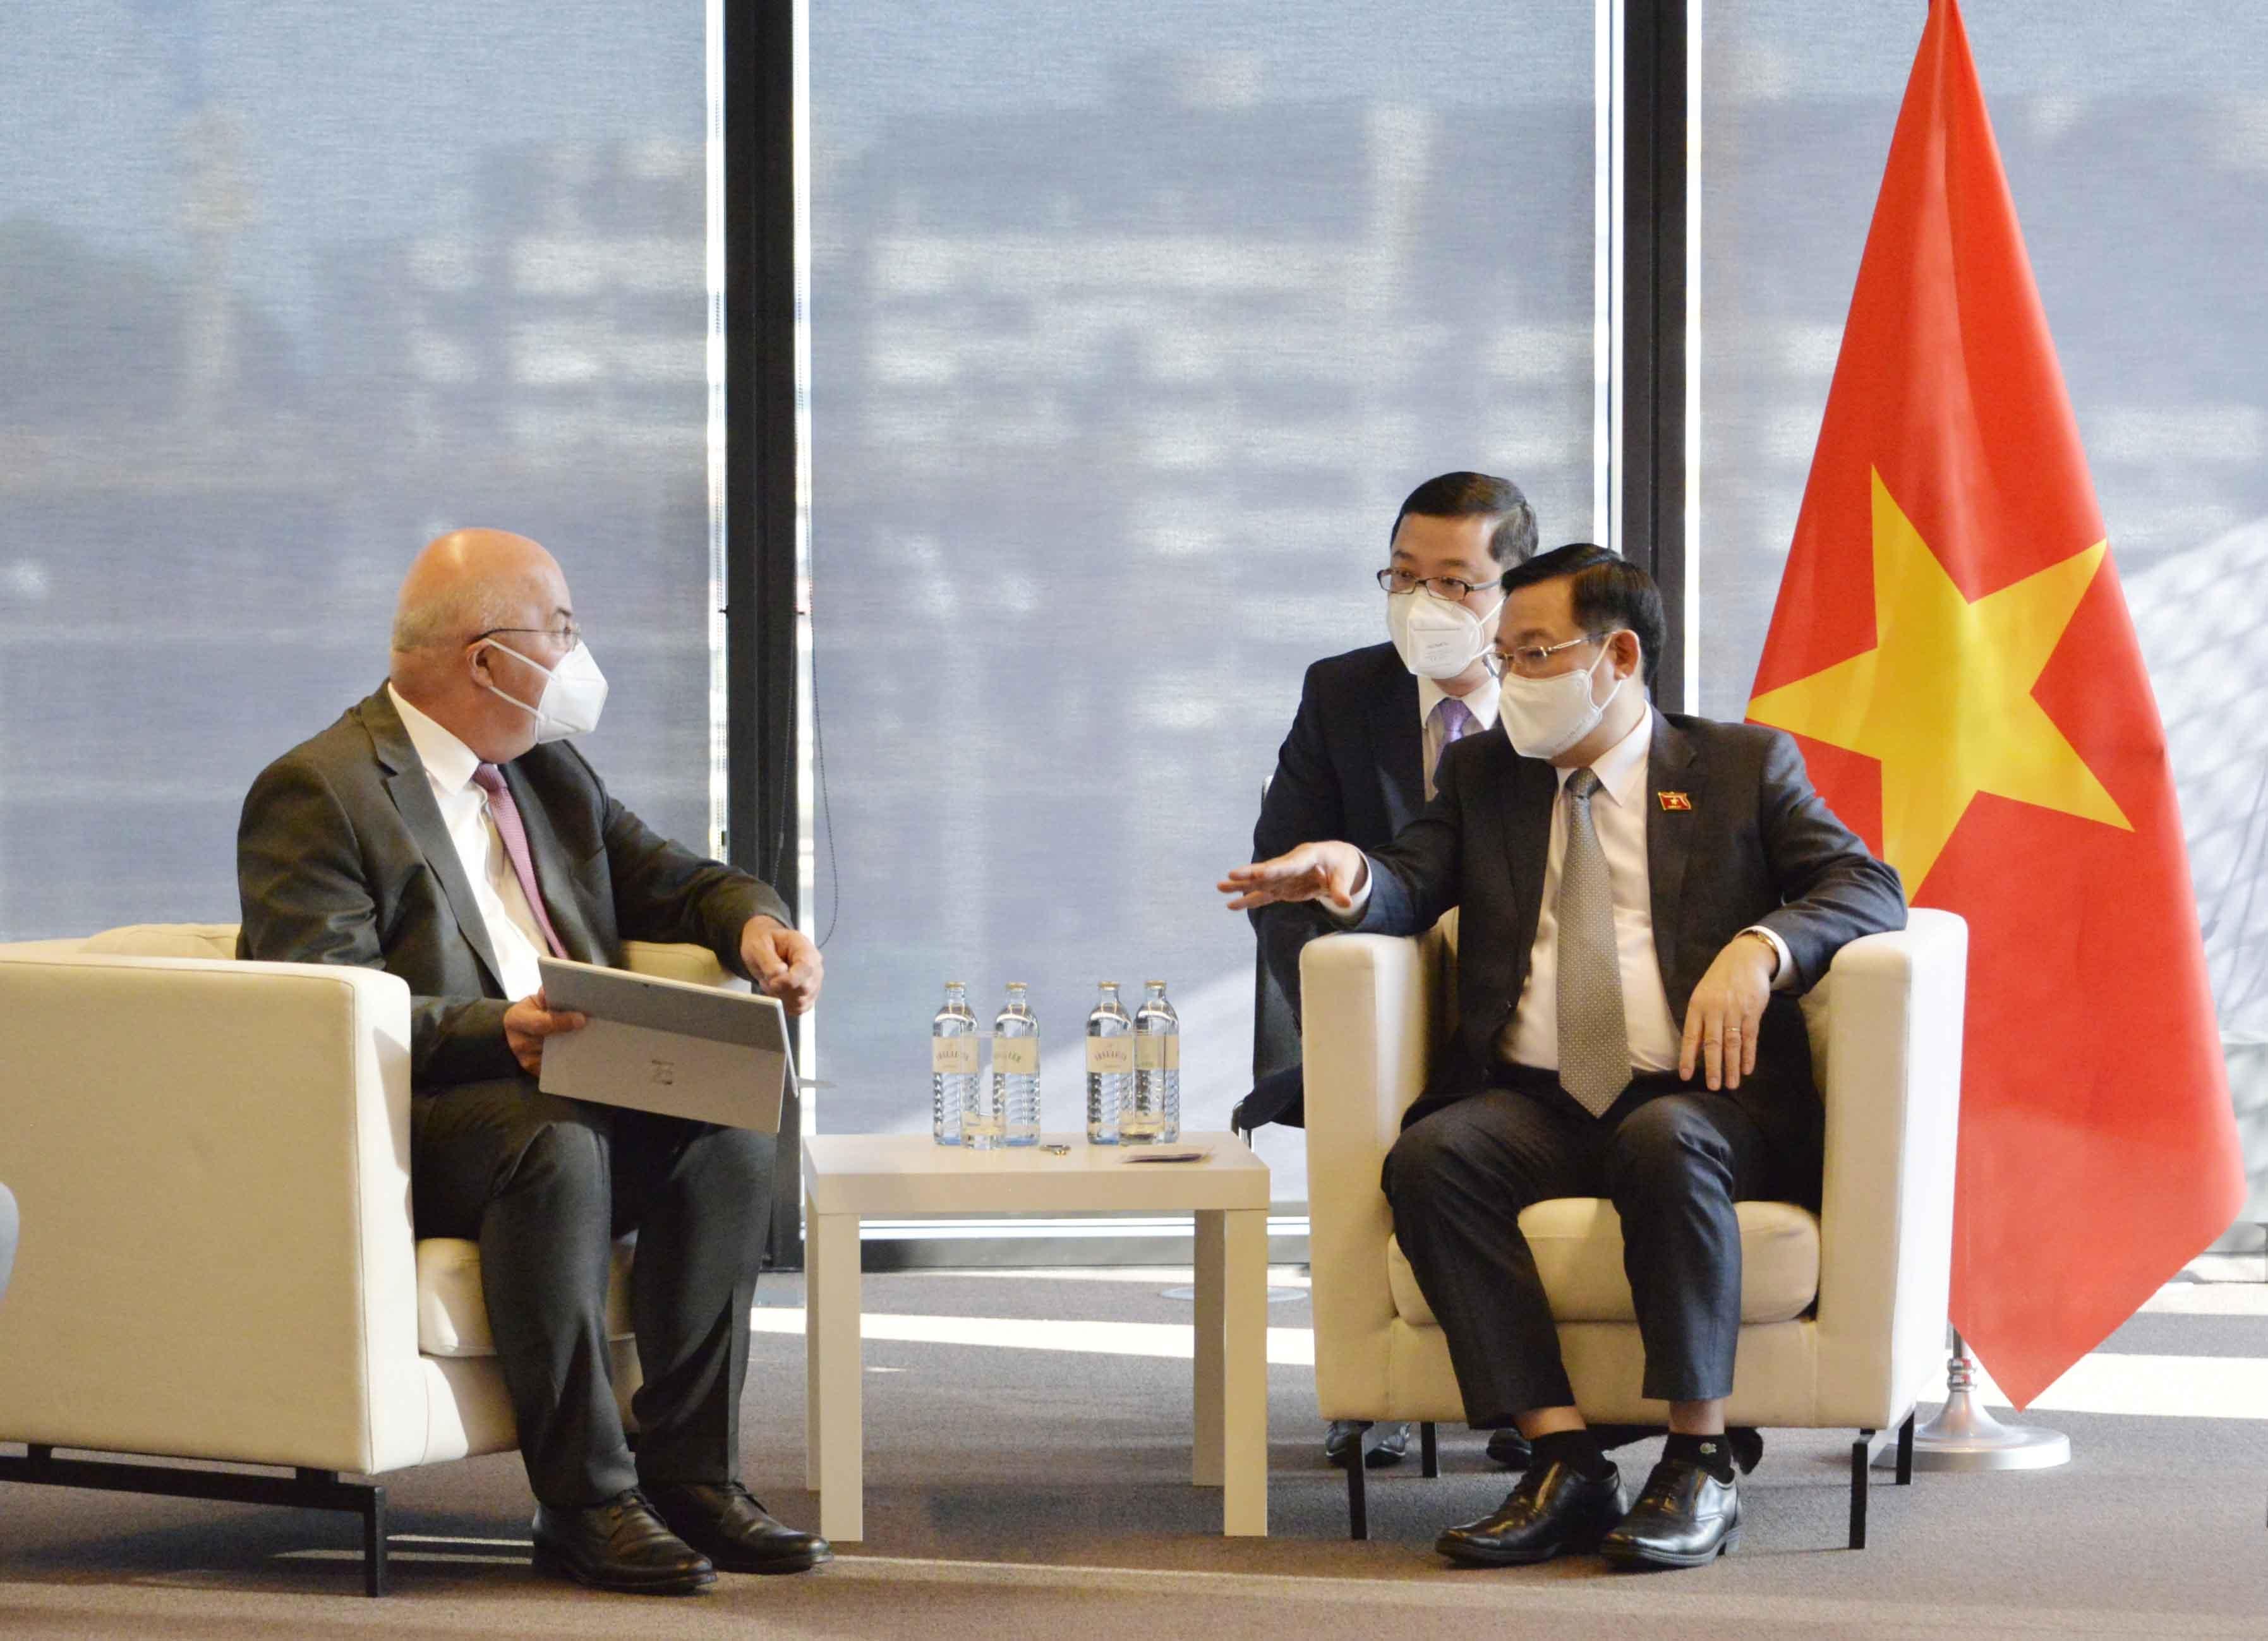 Doanh nghiệp Áo nên sớm hiện thực hóa ý định đầu tư vào Việt Nam